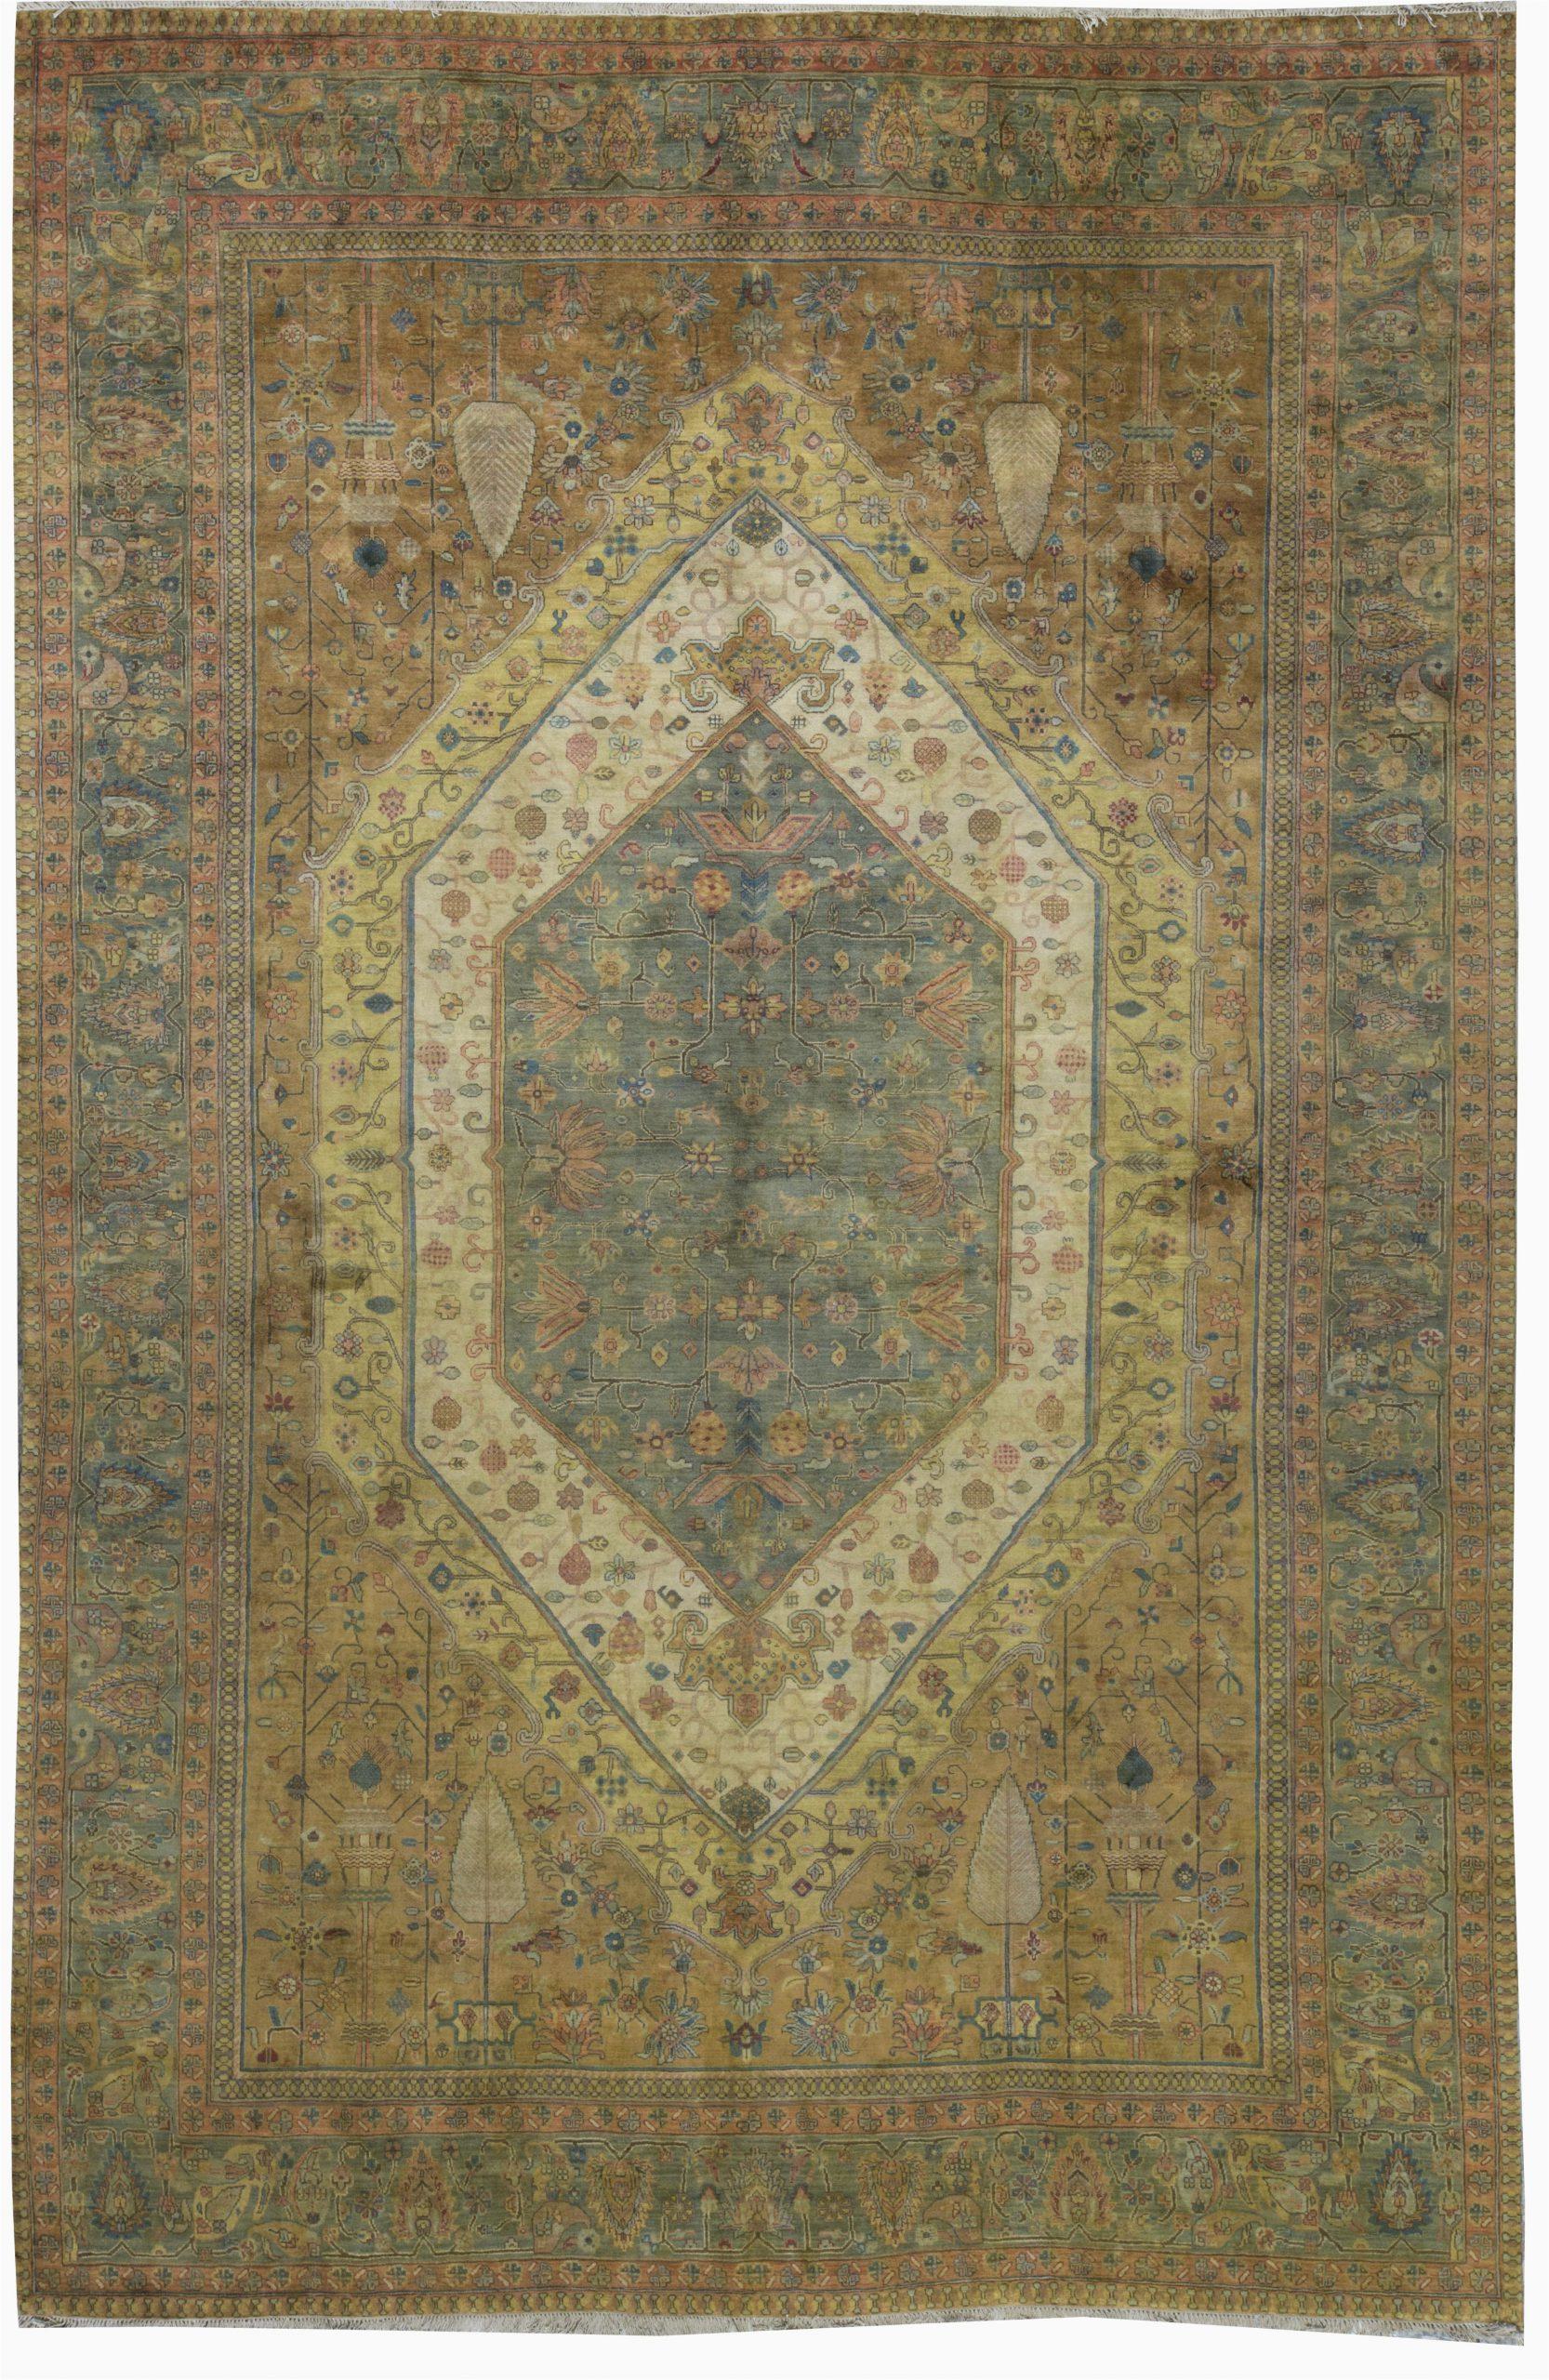 bokara rug co inc one of a kind magnolia handwoven 1110 x 18 wool brown area rug abhd2694